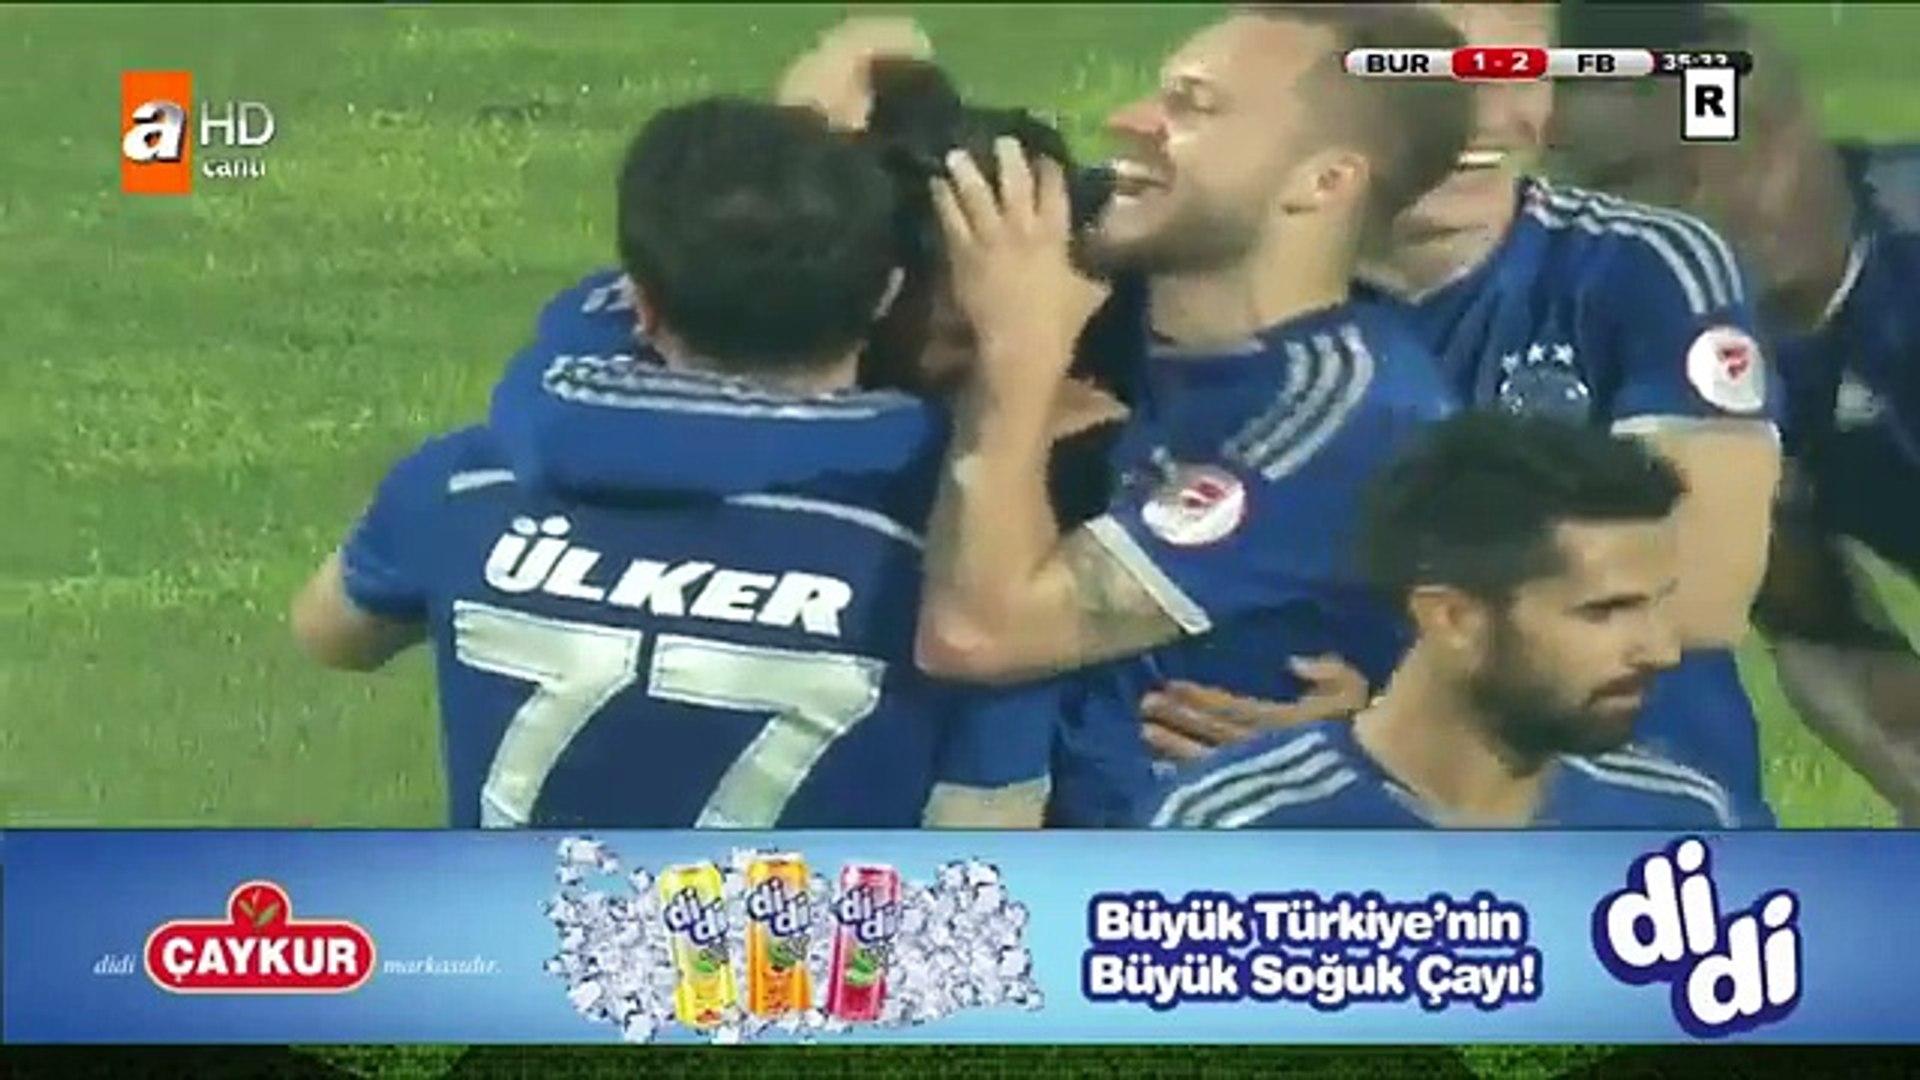 BRUNO ALVES FRİKİK GOLÜ  Bursaspor - Fenerbahçe  HD